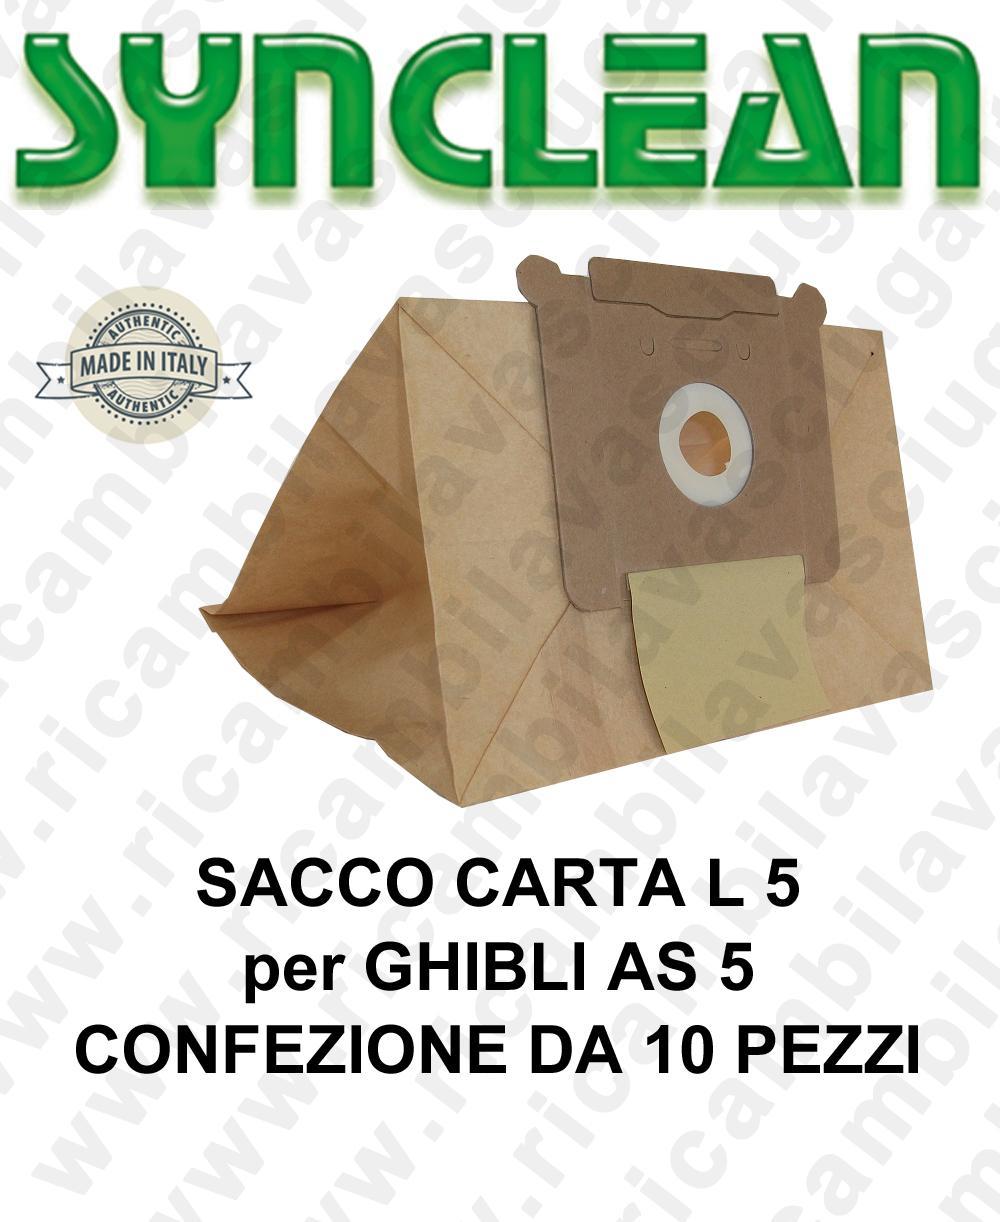 SACCO CARTA litri 5 para GHIBLI mod. AS 5 confezione da 10 pezzi